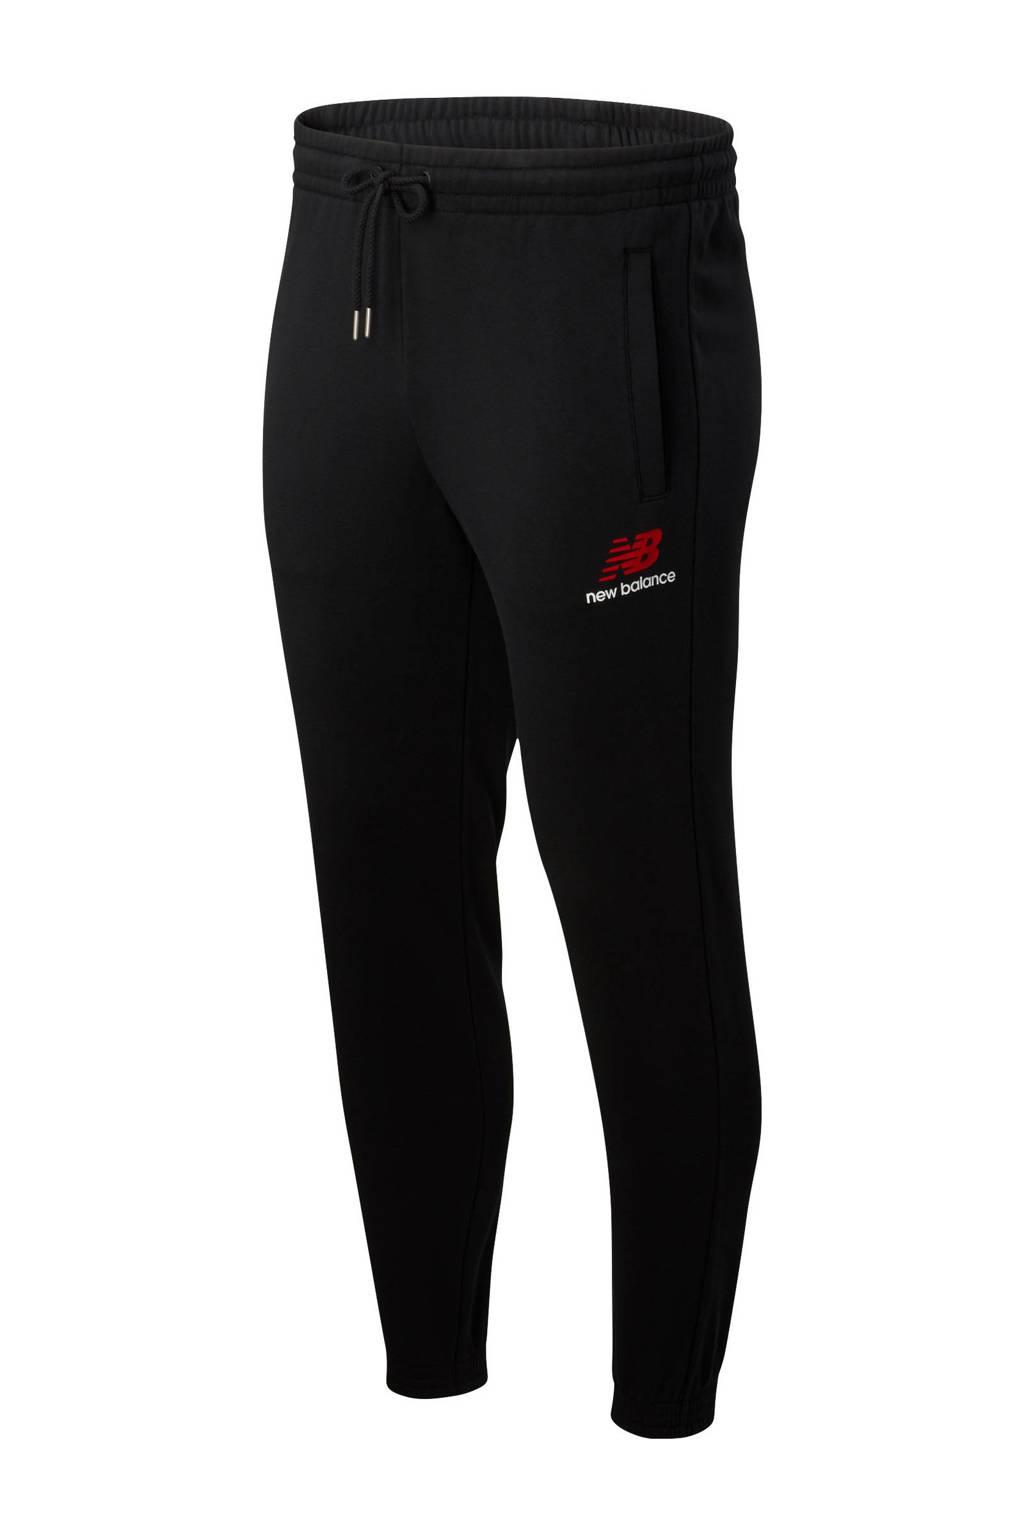 New Balance joggingbroek zwart, Zwart